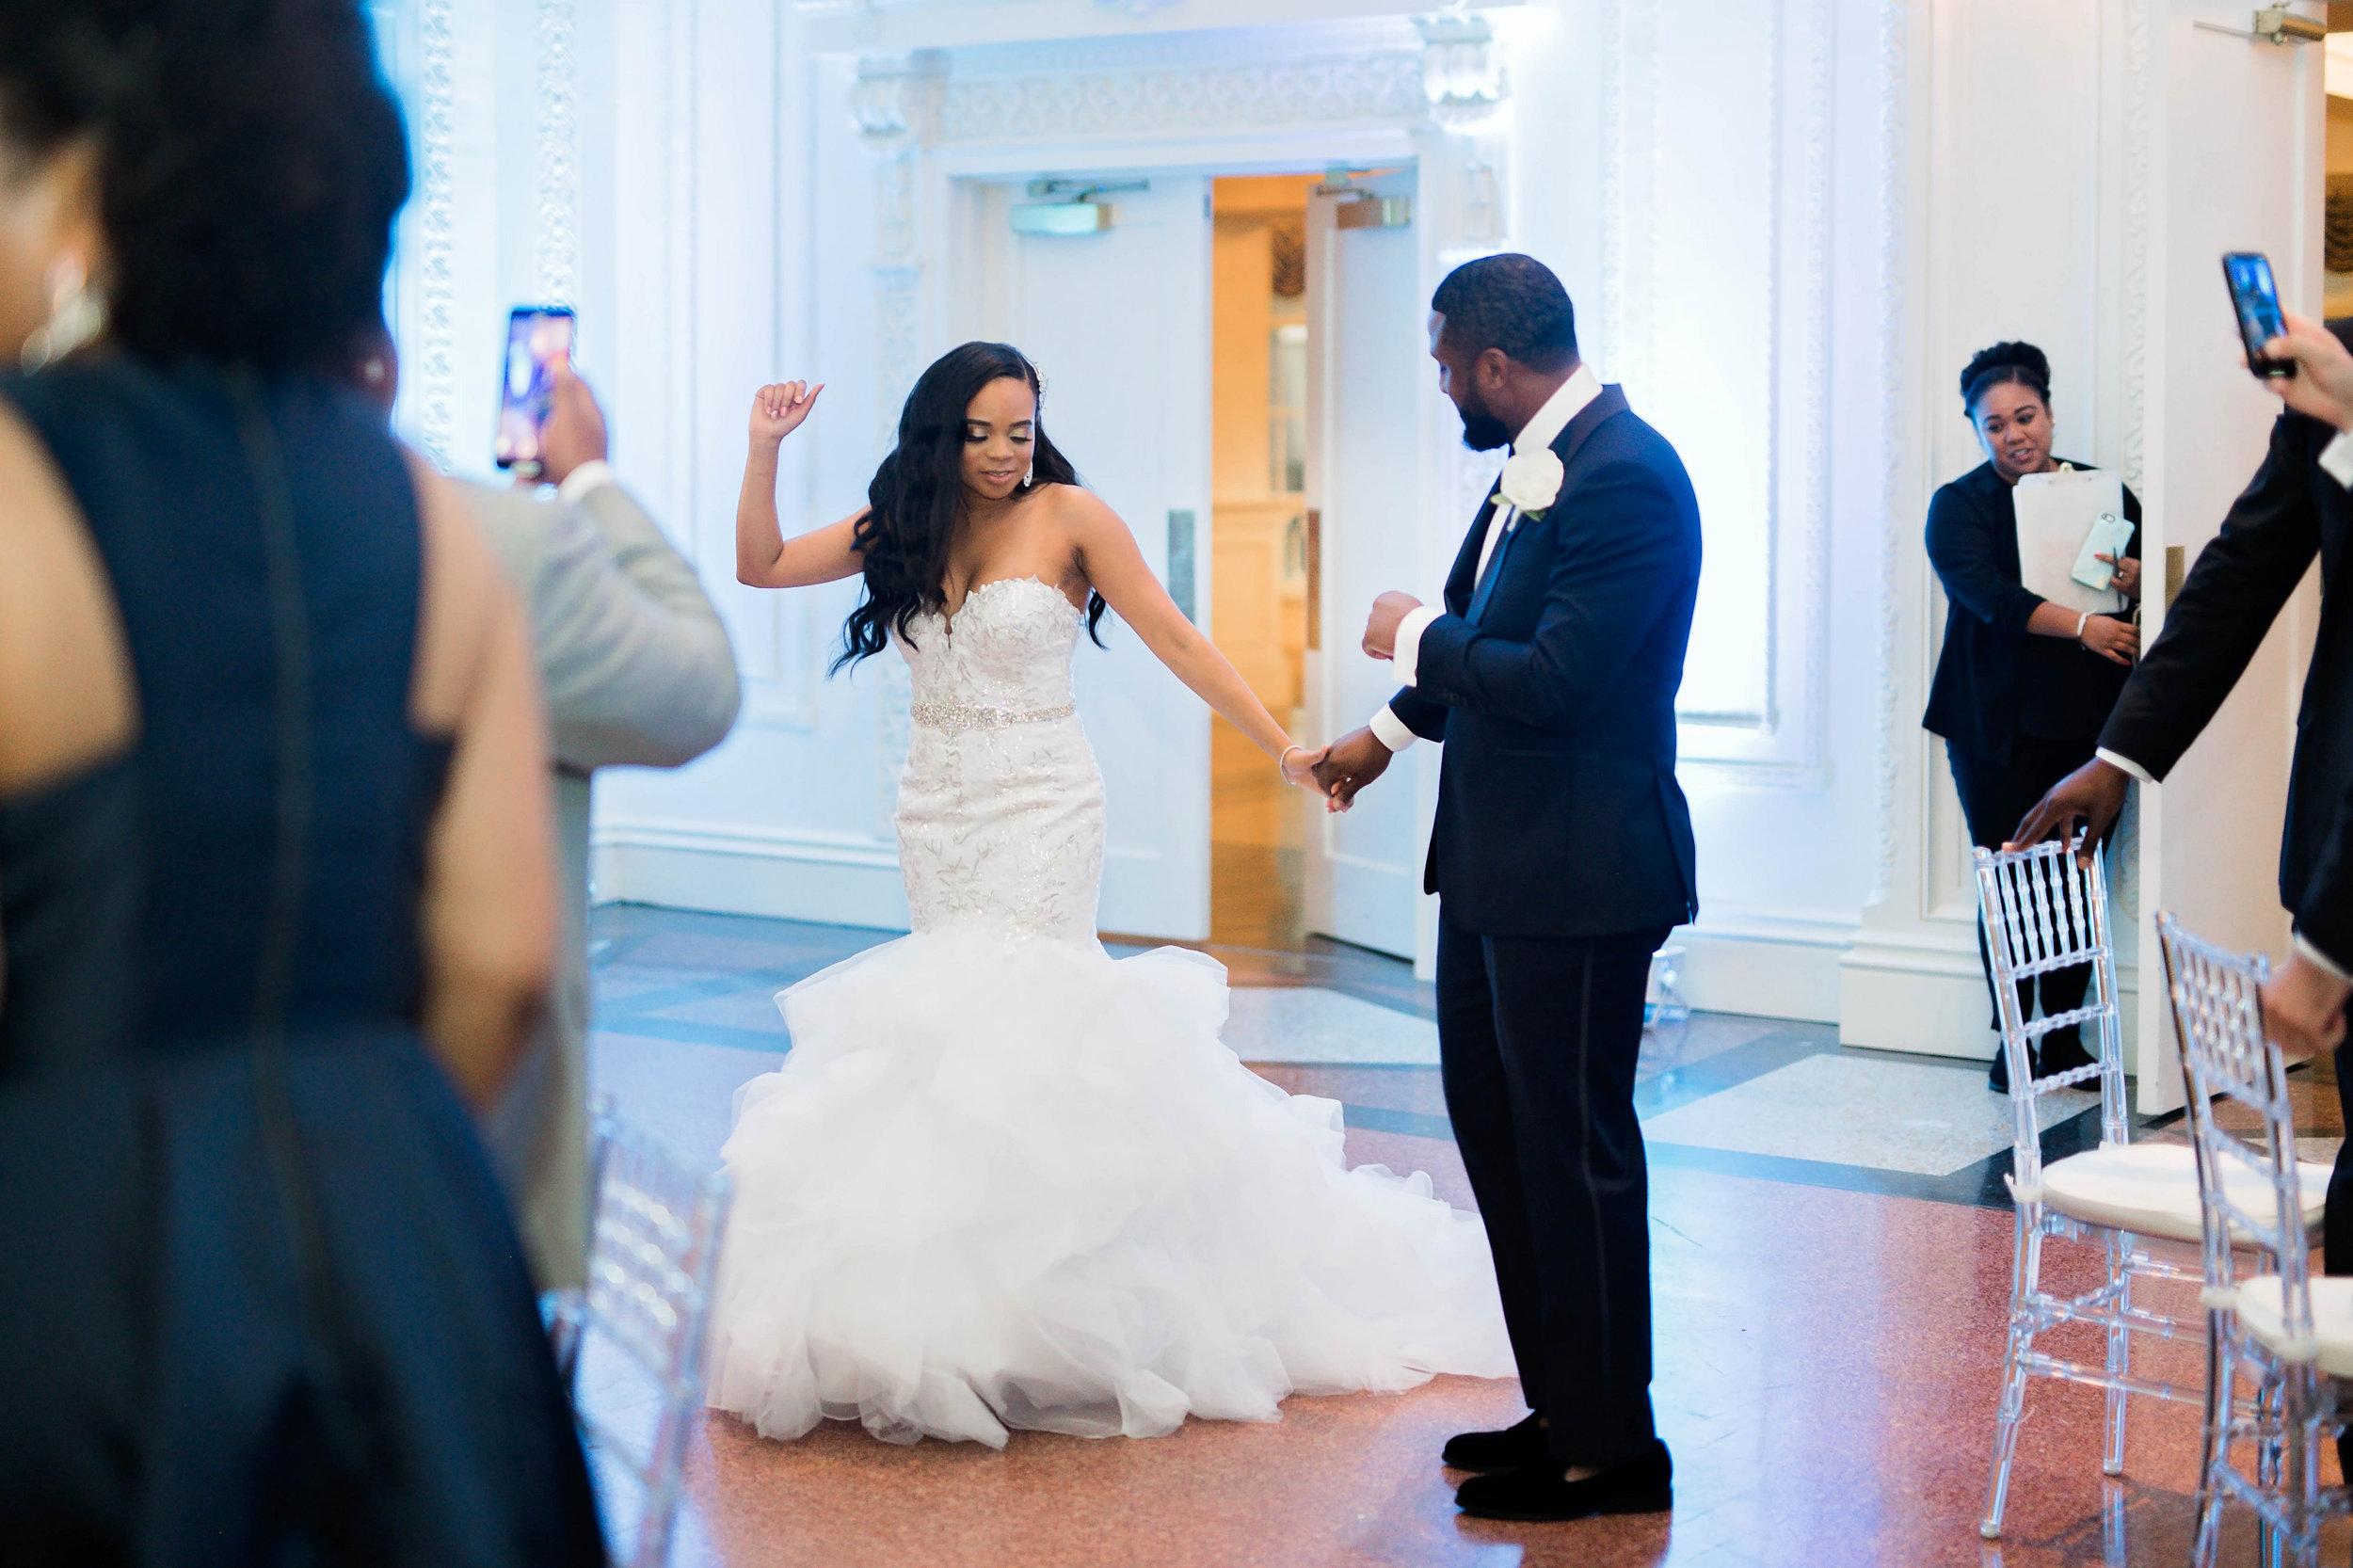 Tulsa Wedding- Pharris Photography- Reception- Darla + Quinton- Bride & Groom